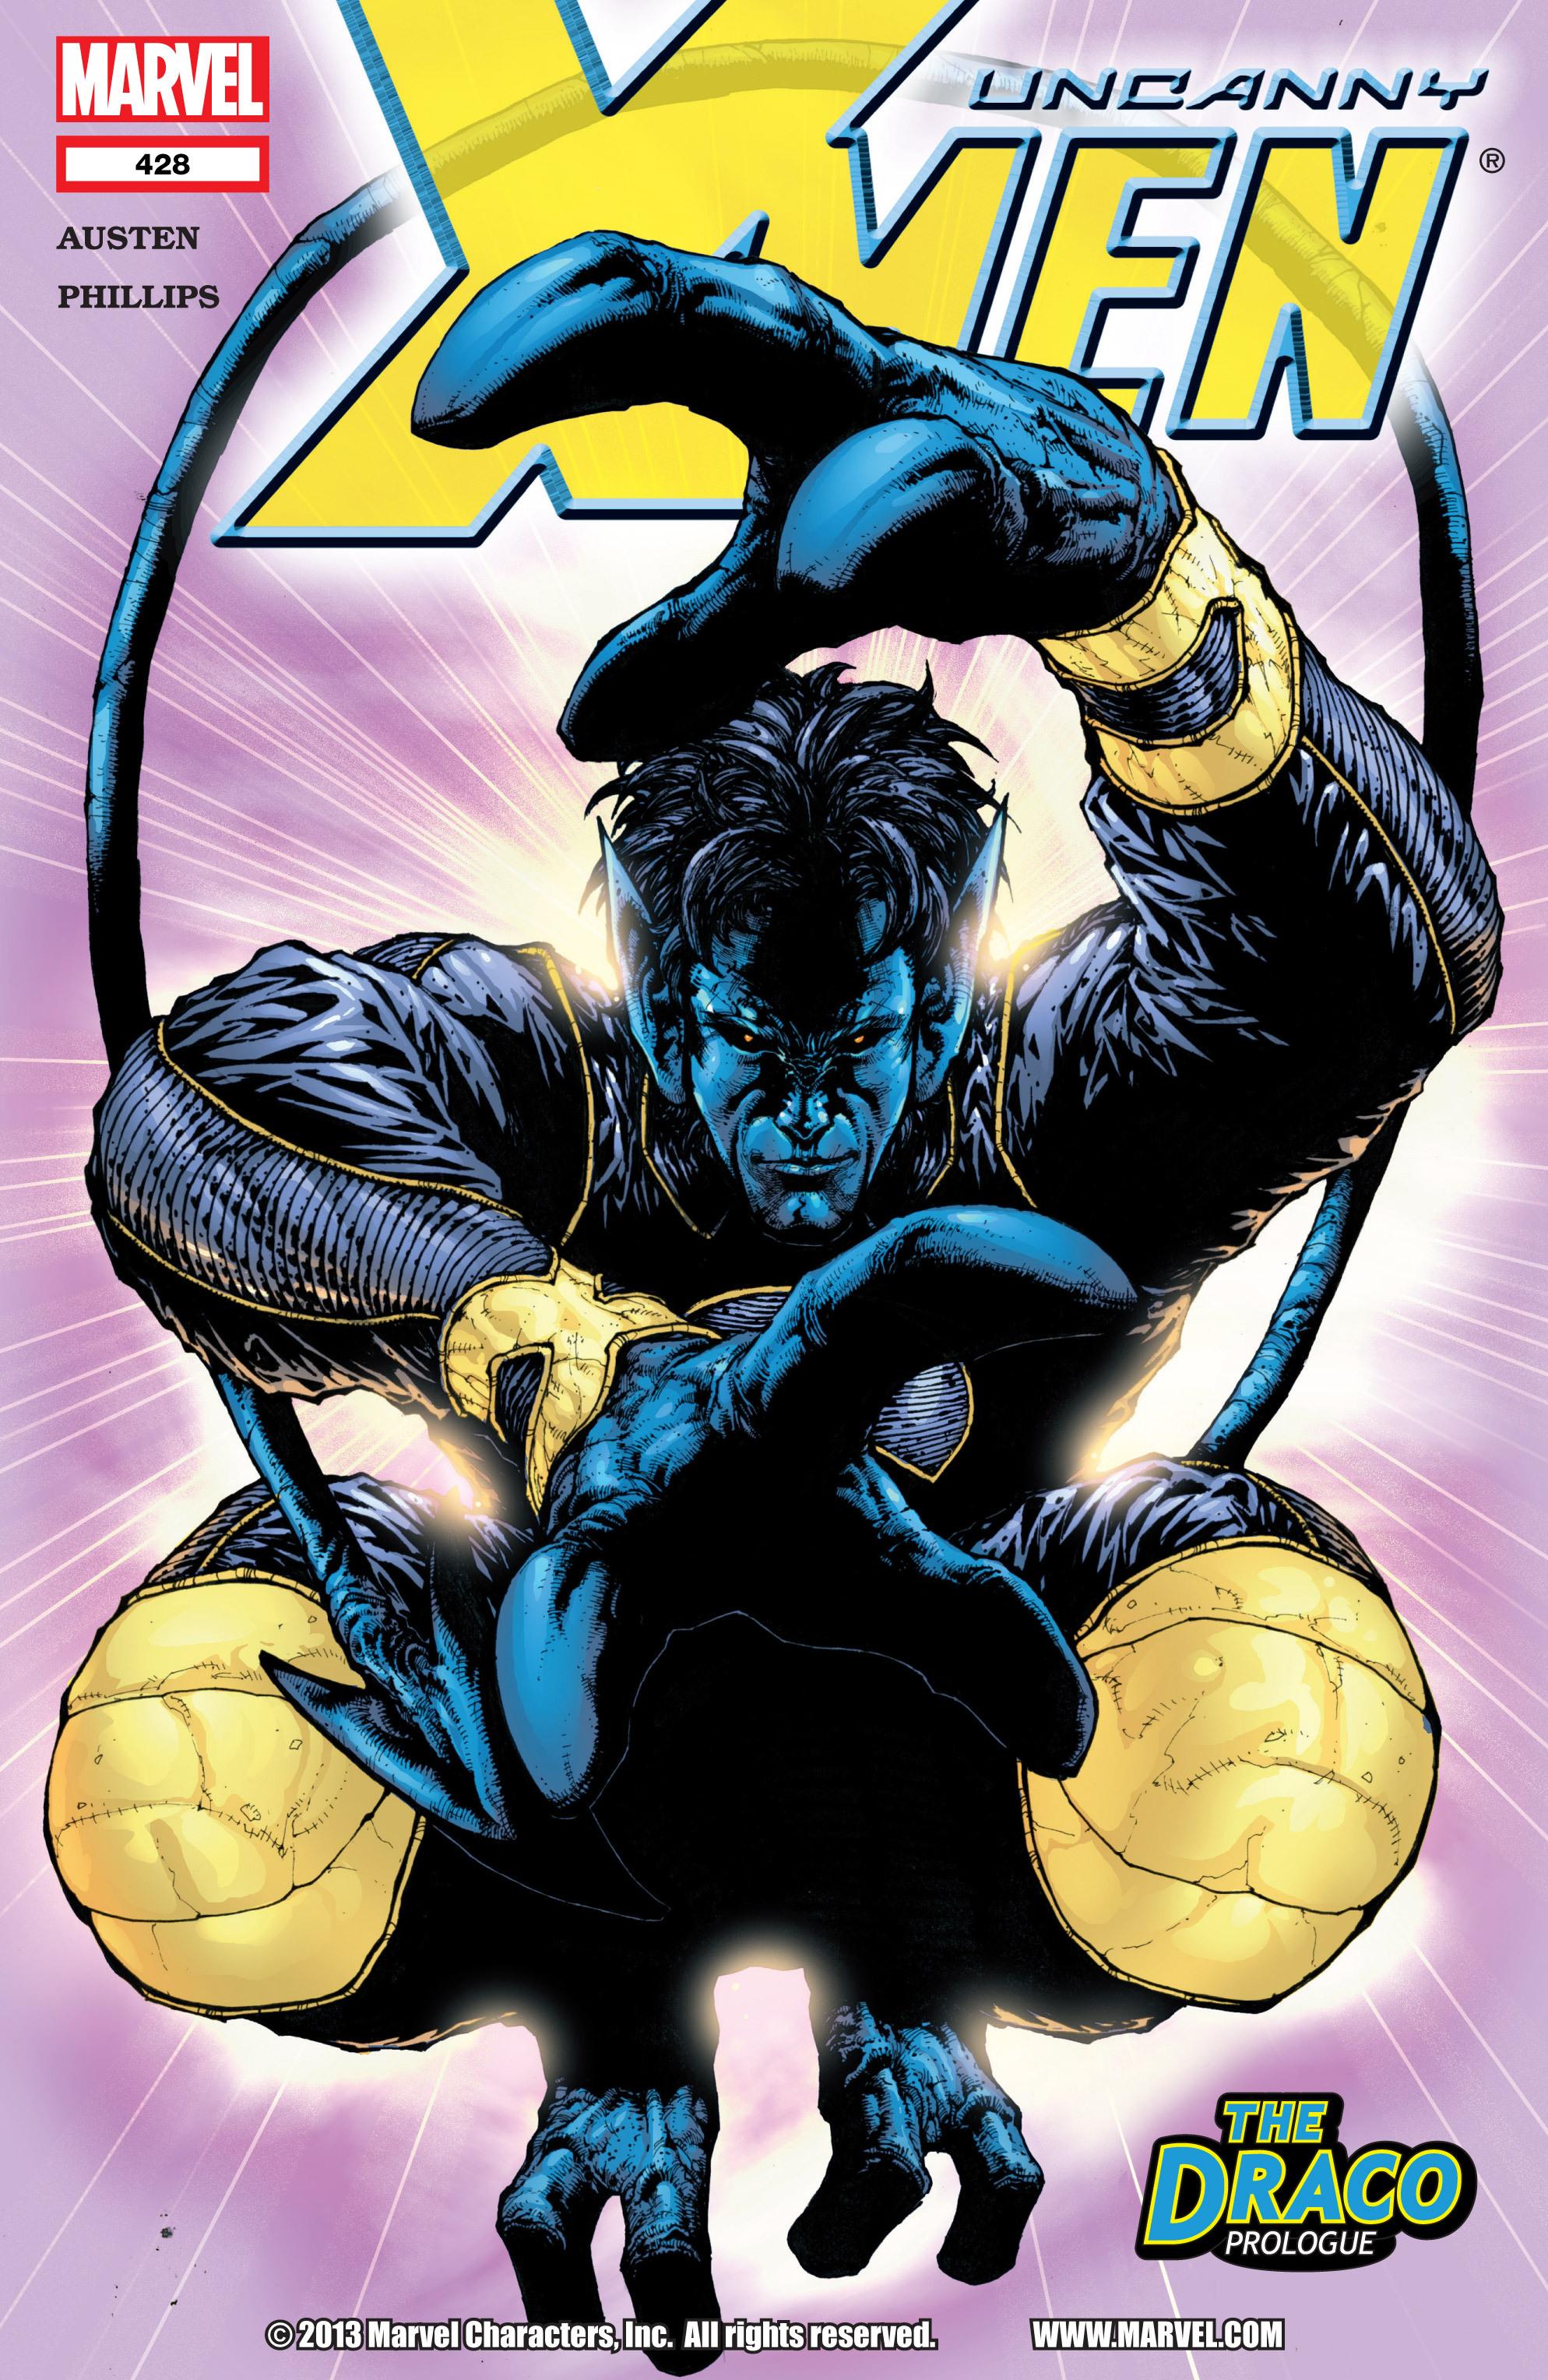 Read online Uncanny X-Men (1963) comic -  Issue #428 - 1